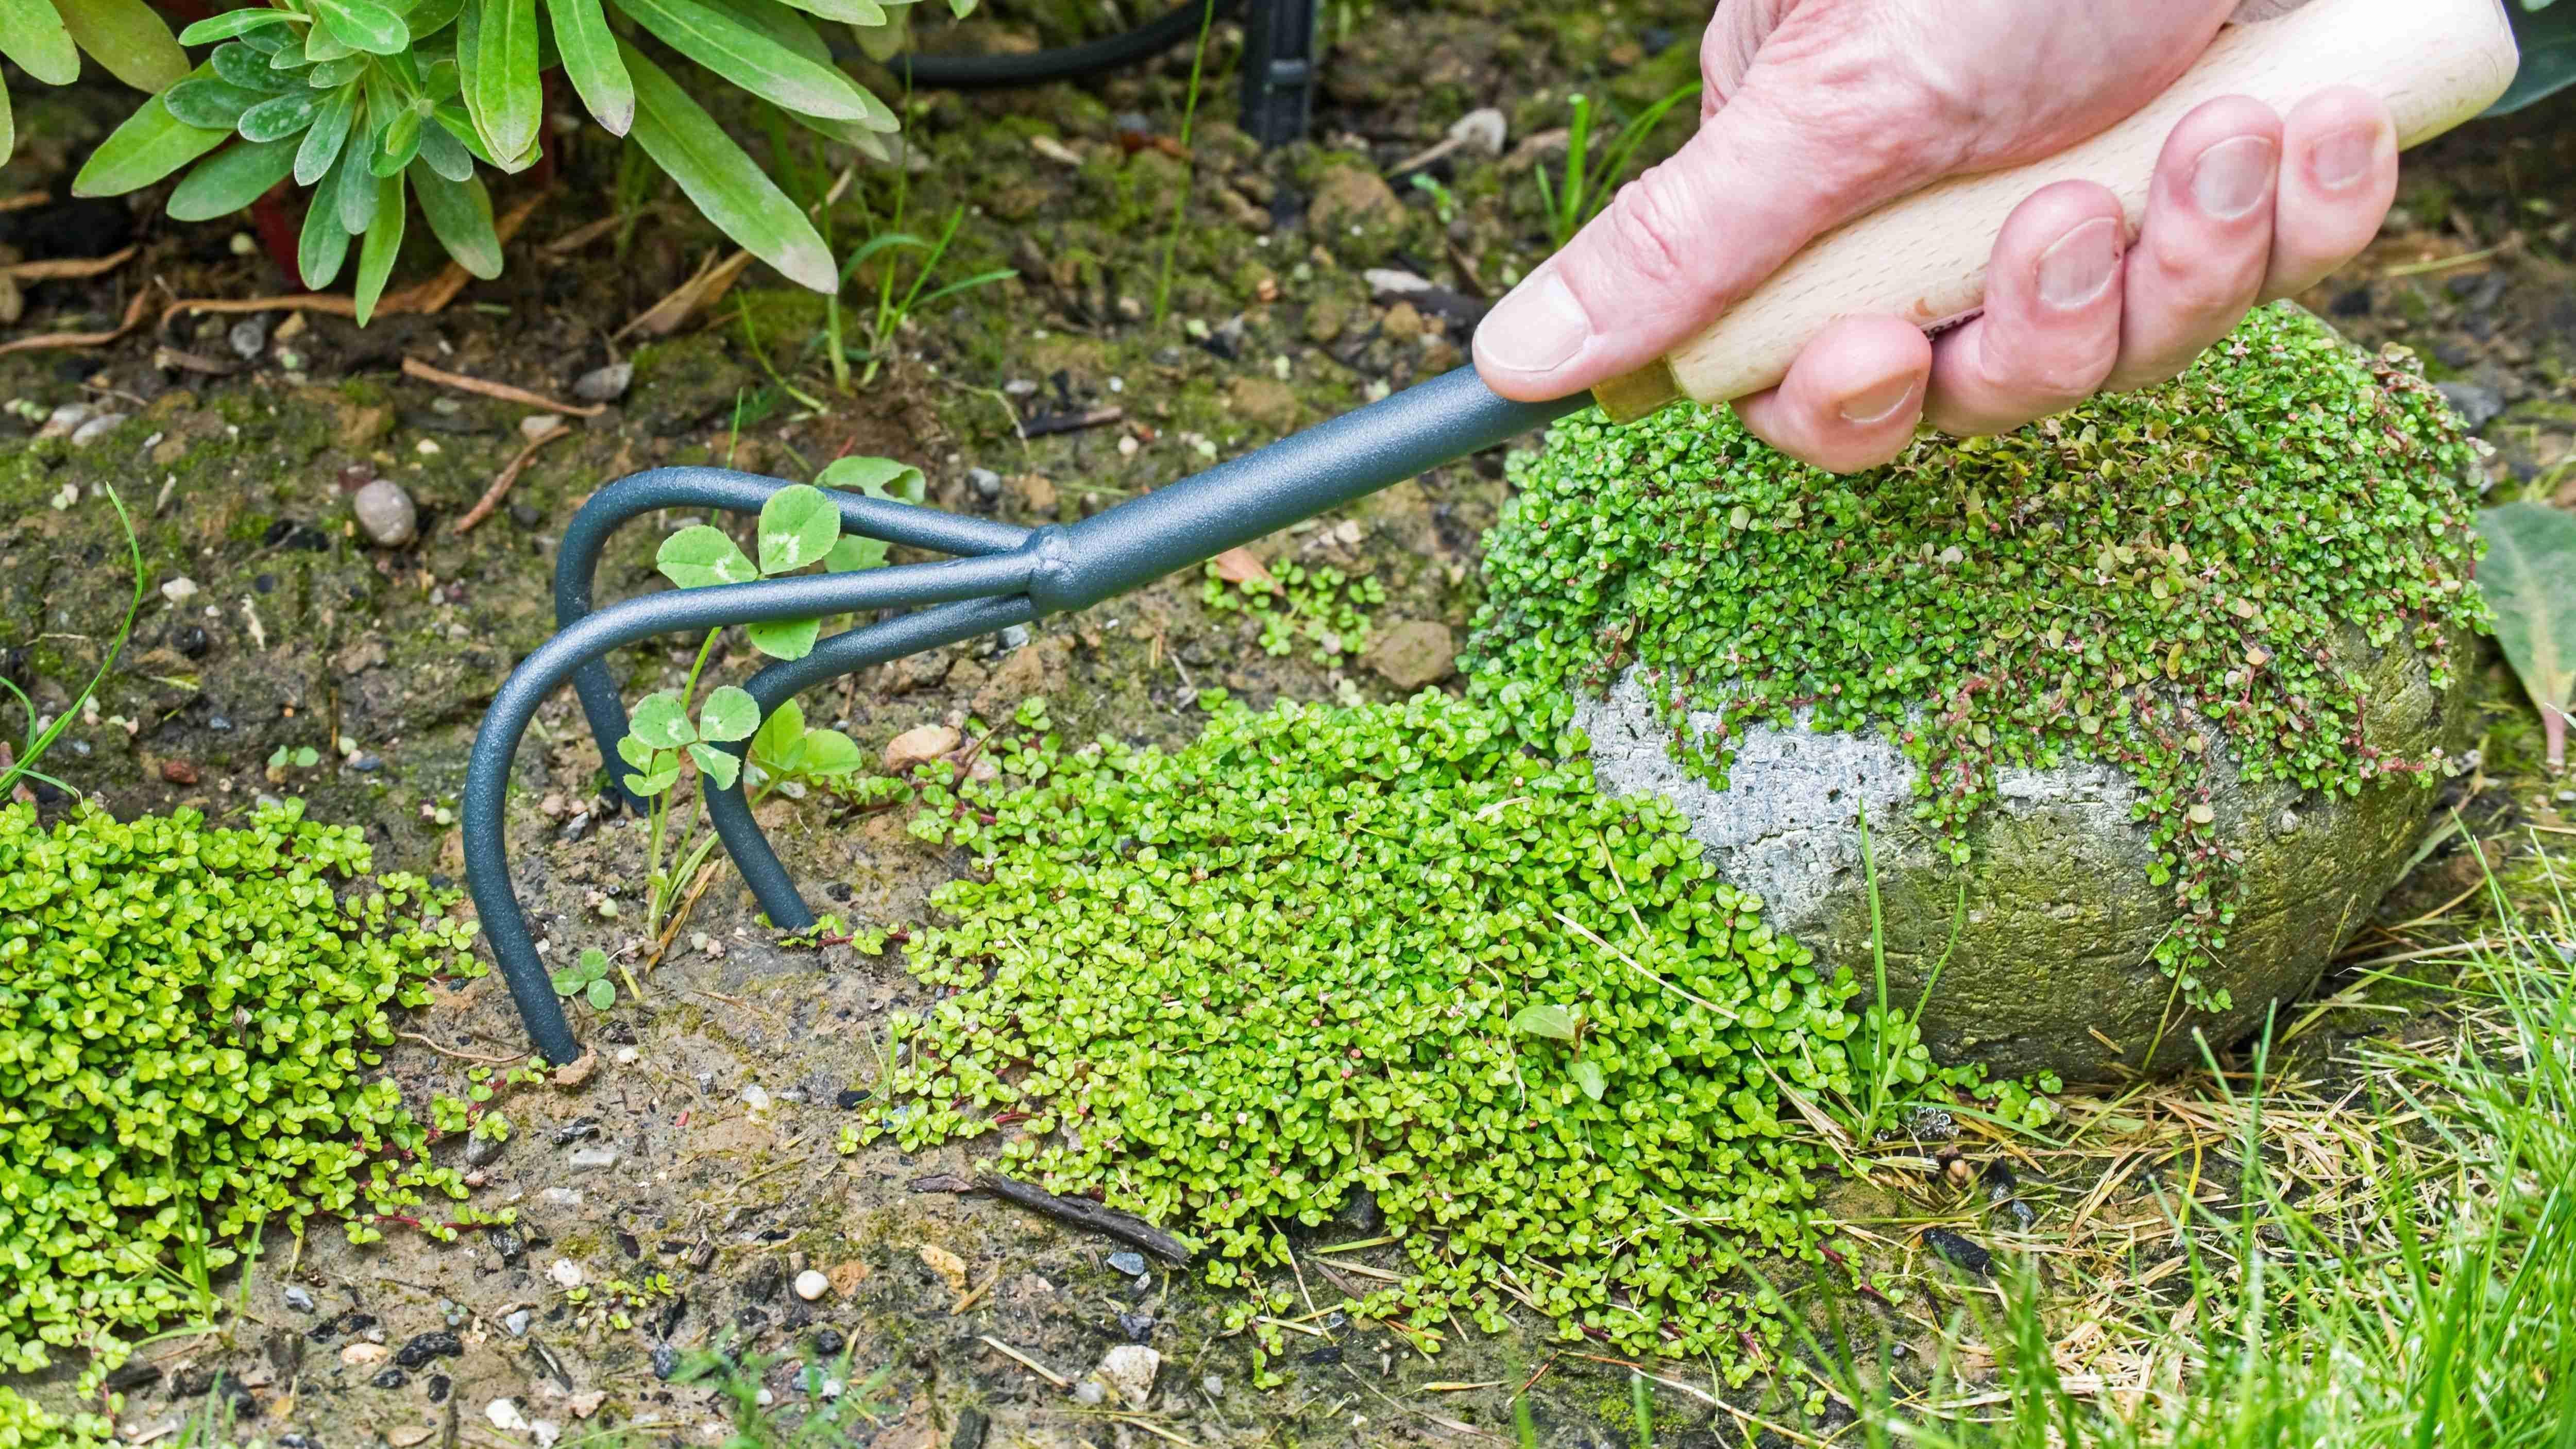 Comment choisir ses outils pour ameublir le sol